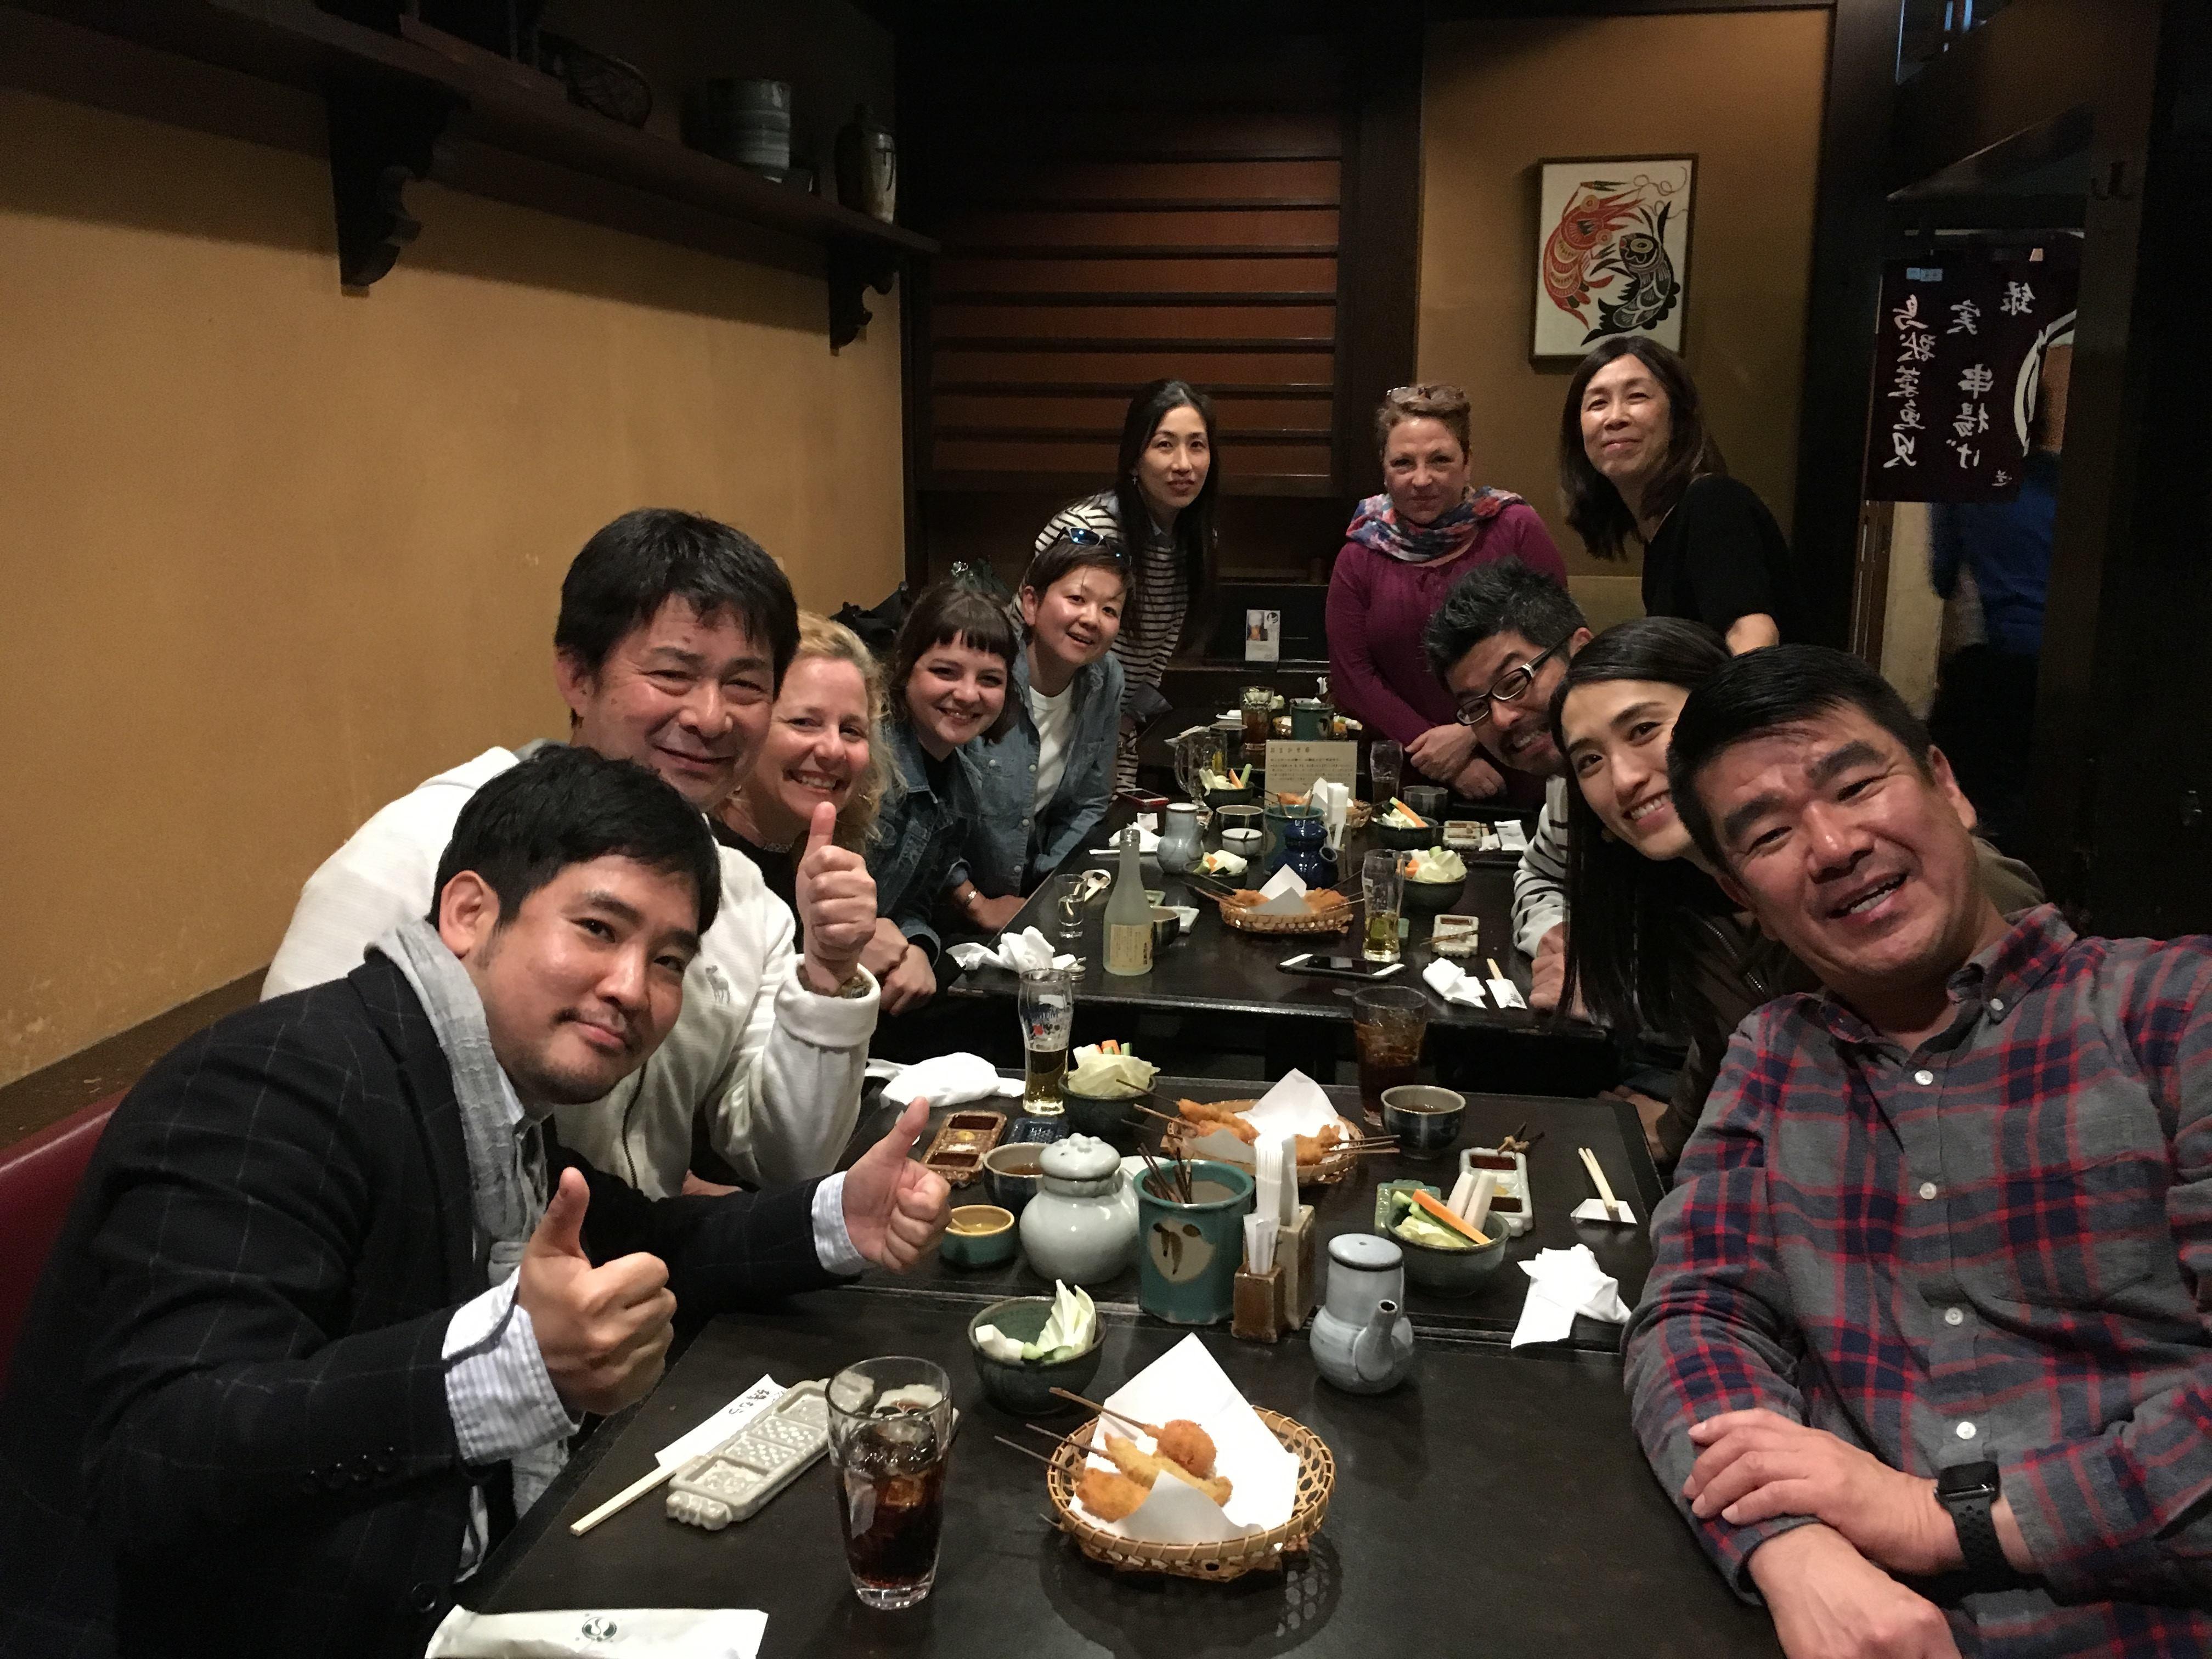 """「Yes, Deaf Can!」の皆様とランチ (Sesión del almuerzo con los miembros de """"Yes, Deaf Can!"""")"""